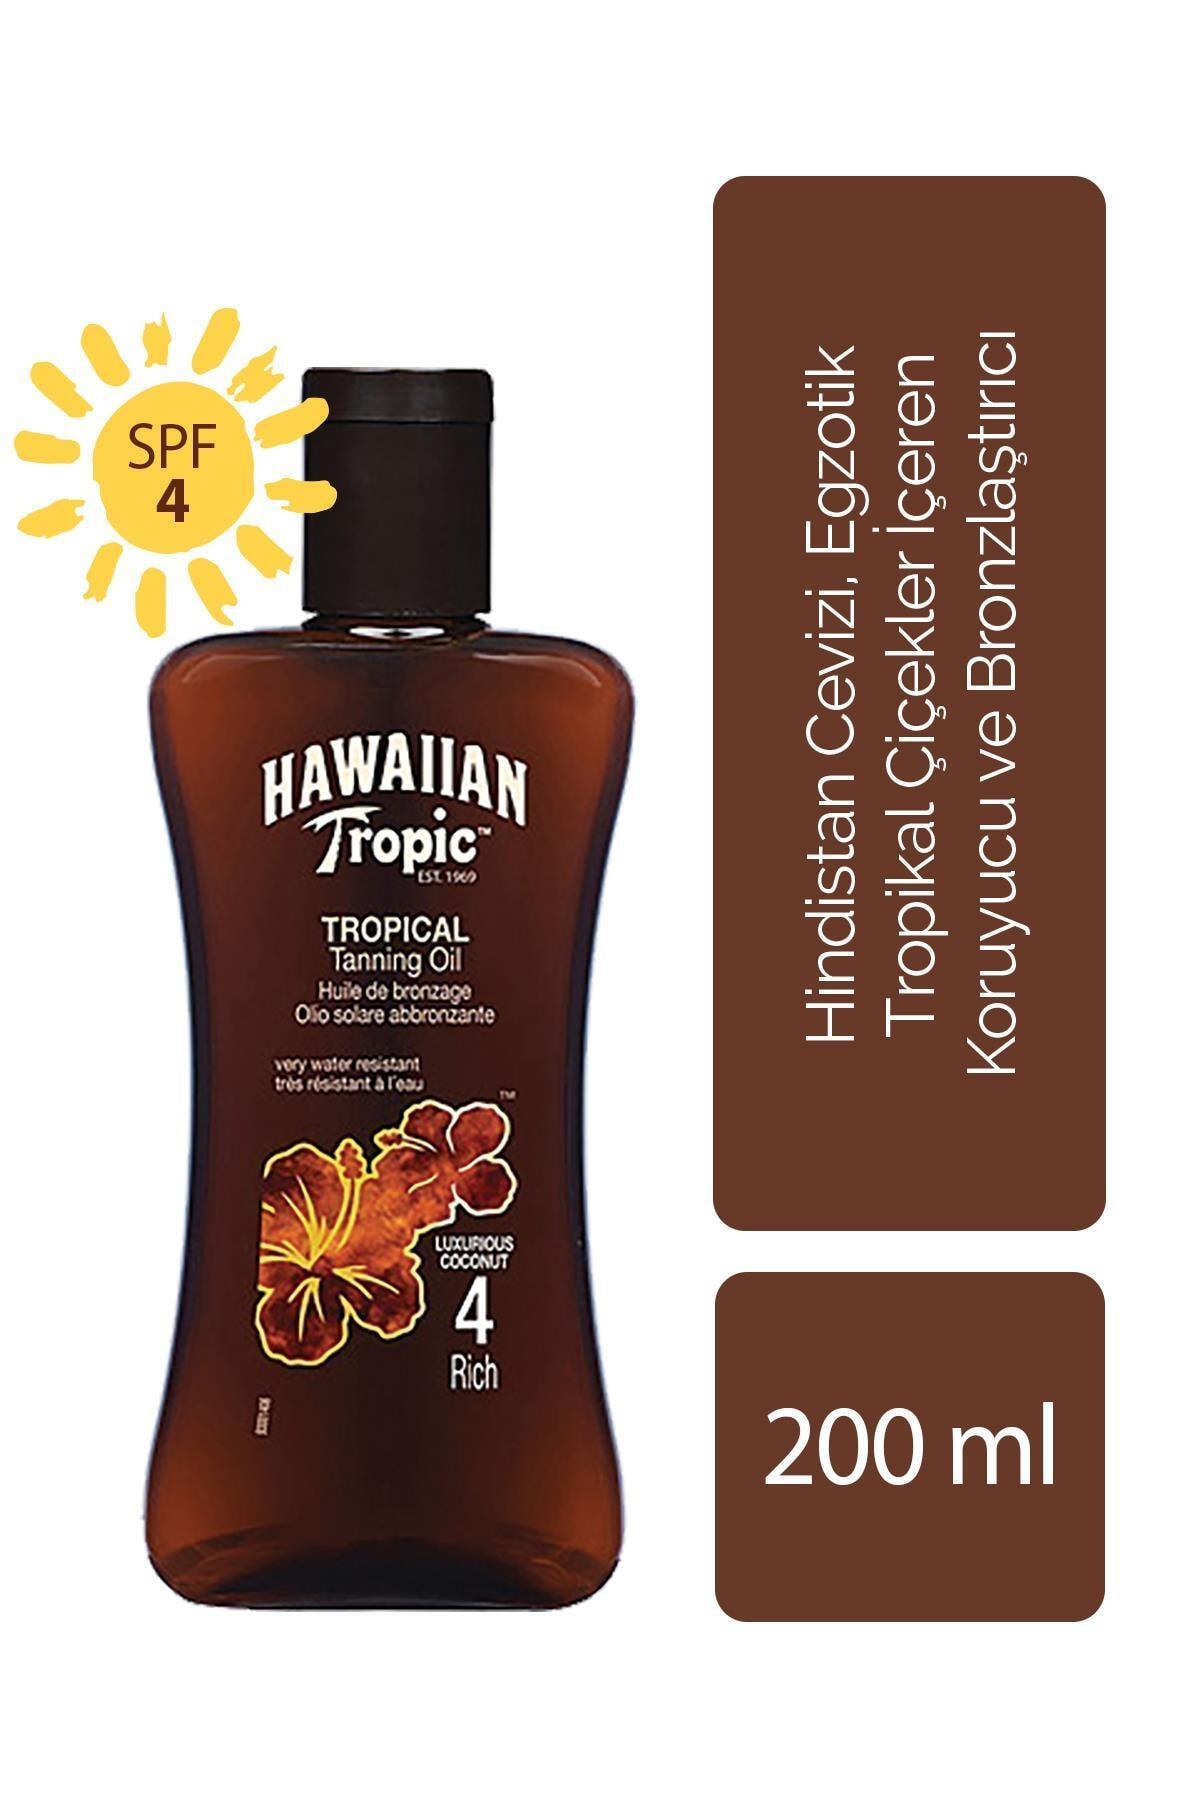 Hawaiian Tropic Hindistan Cevizi, Egzotik Tropikal Çiçekler İçeren Koruyucu Ve Bronzlaştırıcı Yağ Spf 4